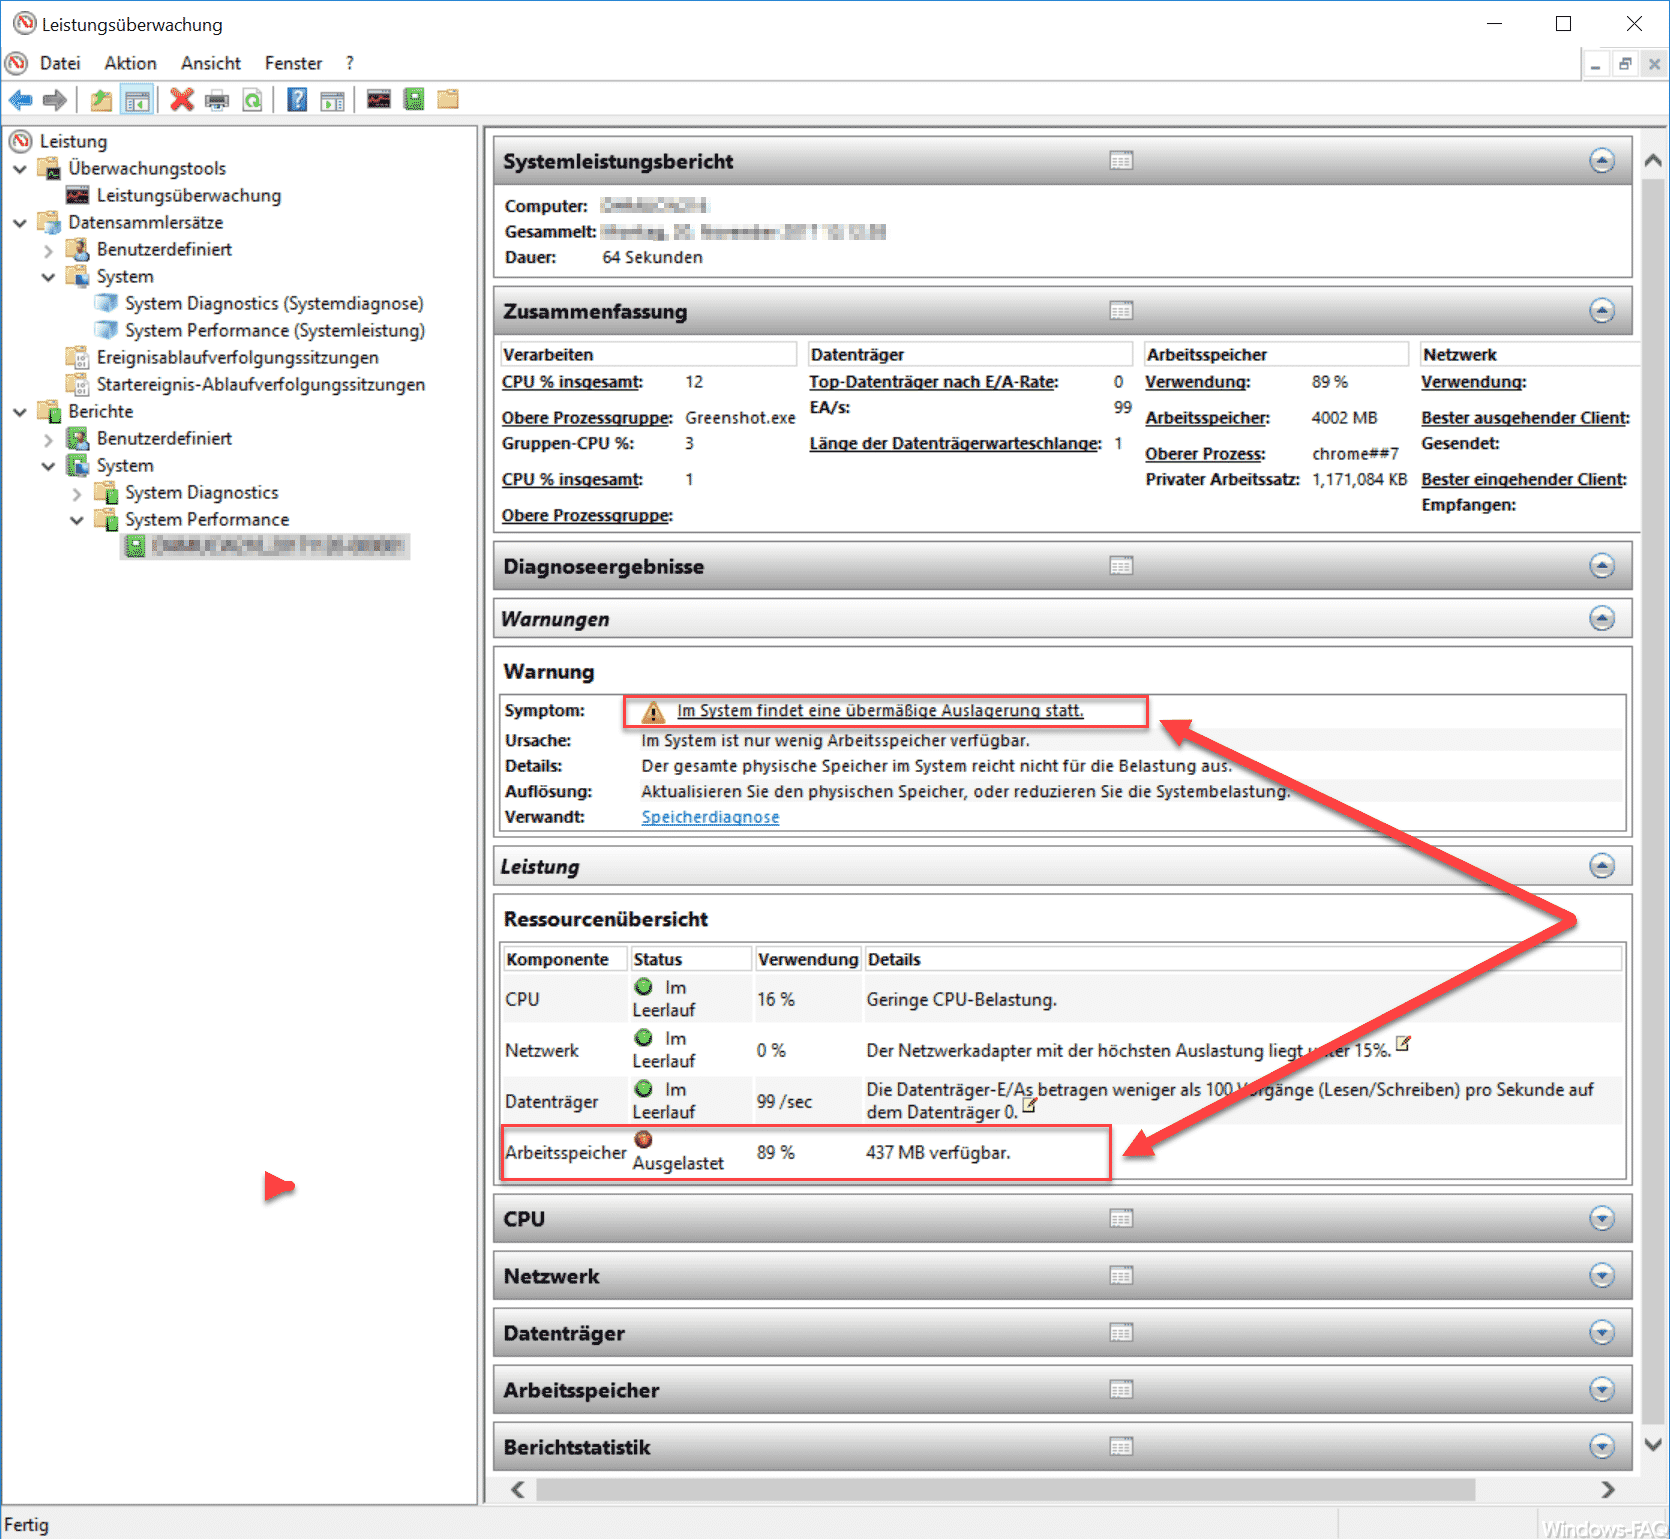 Windows Systemleistungsbericht